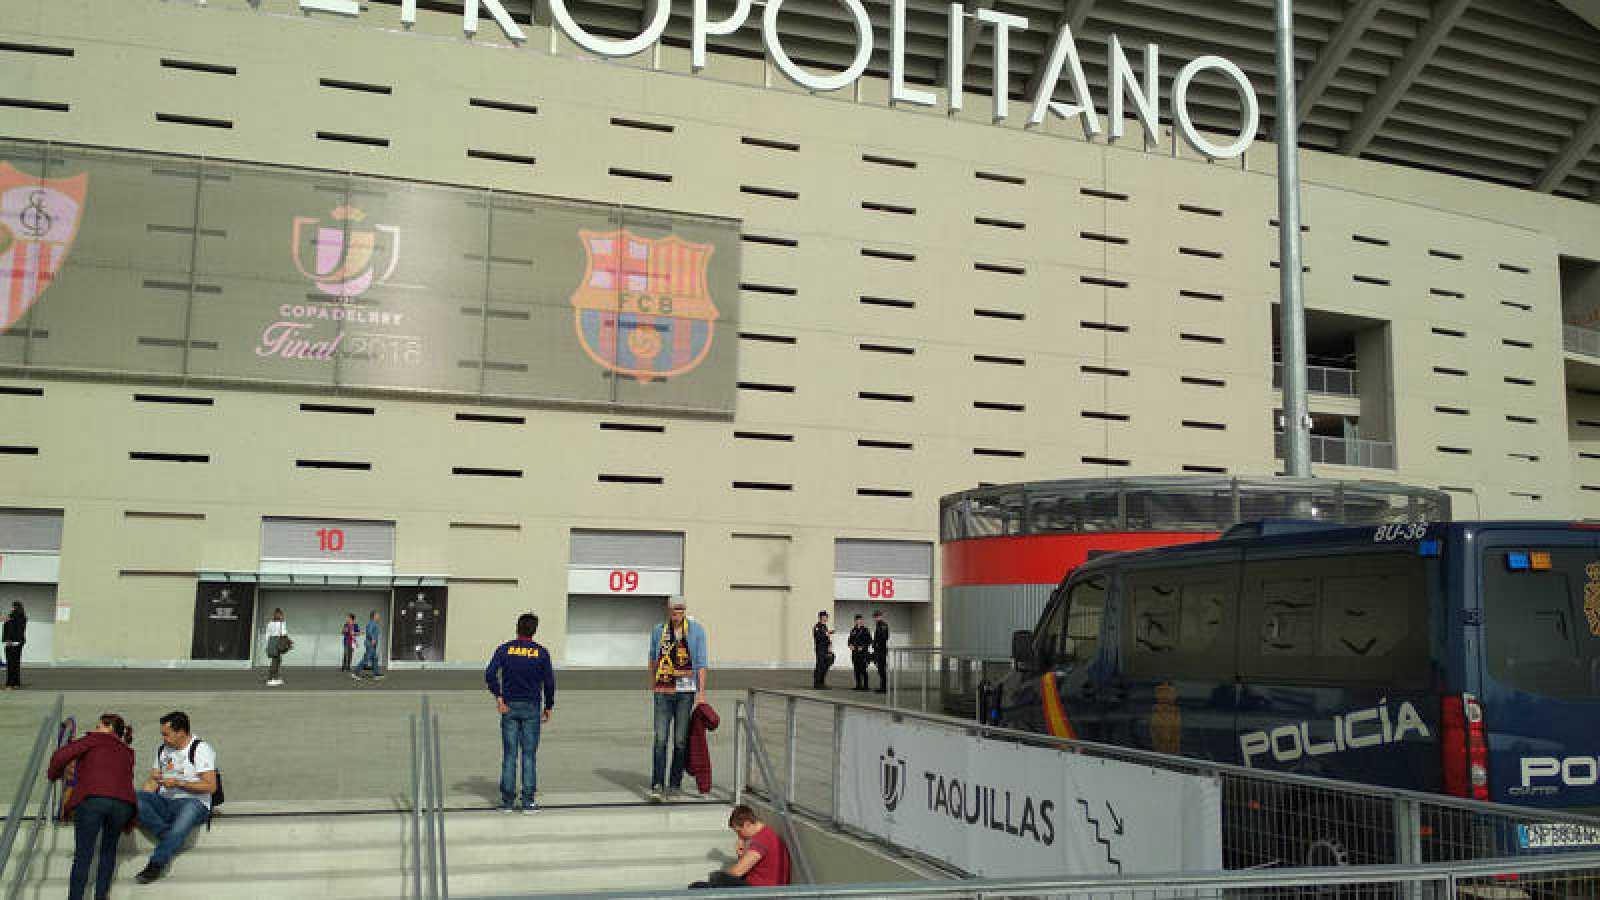 La policía que vigila los aledaños del estadio es la última frontera del dispositivo de seguridad de la final de Copa del Rey.